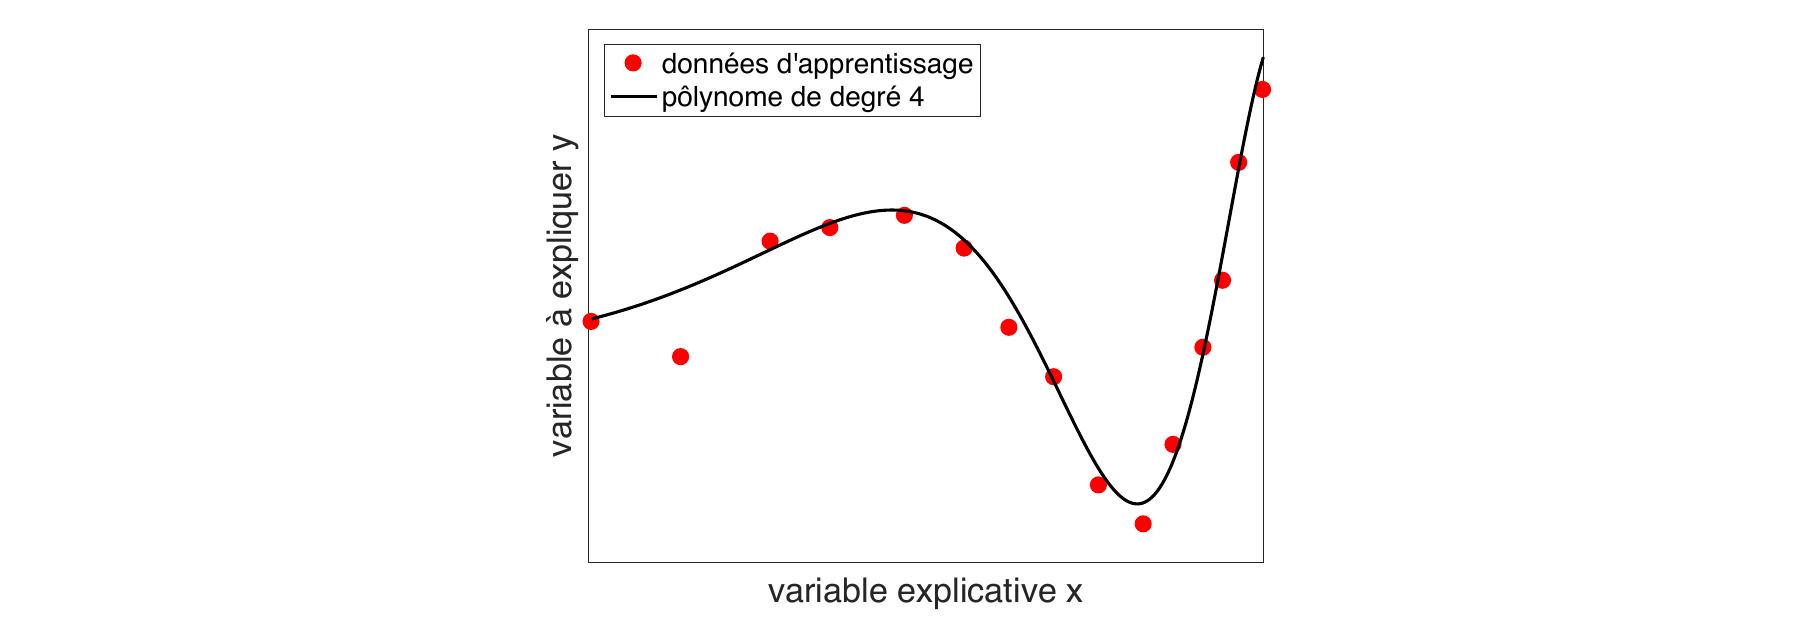 Exemple de problème jouet de régression en une dimension. Le problème consiste à estimer, à partir des points observés en rouge, la fonction en noir.